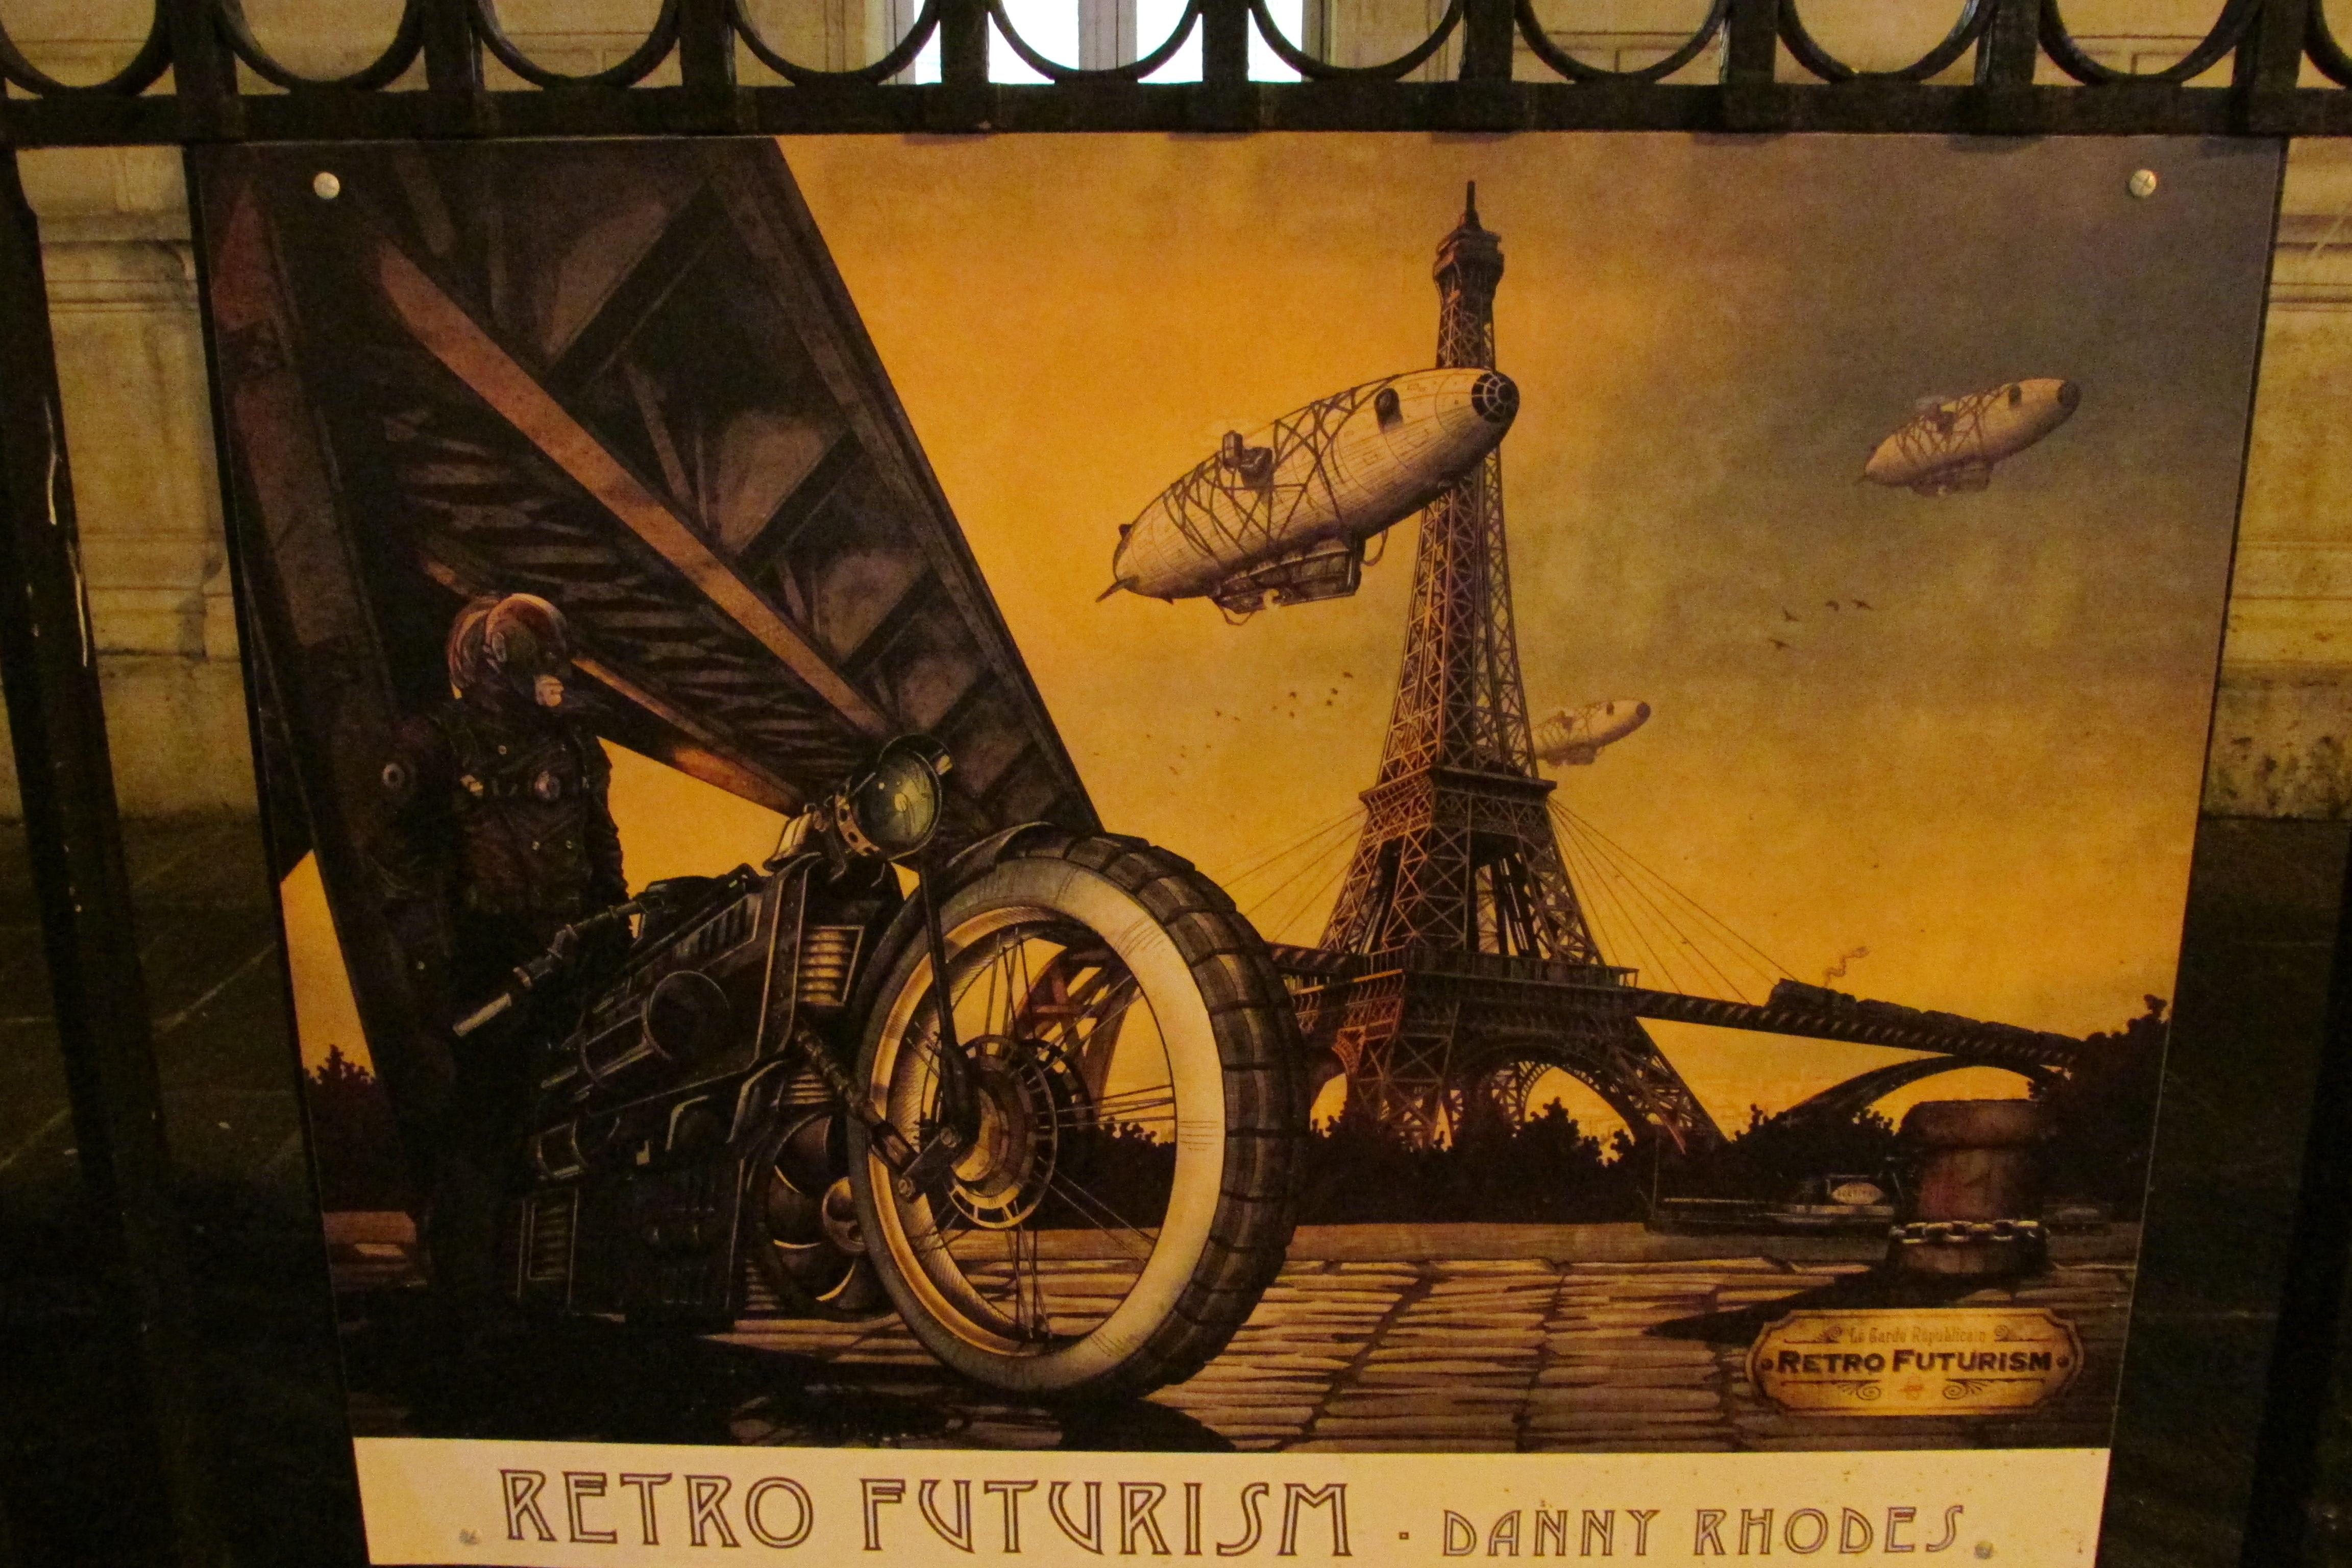 Affiche présentée dans le cadre d'une expo sur le métro parisien.